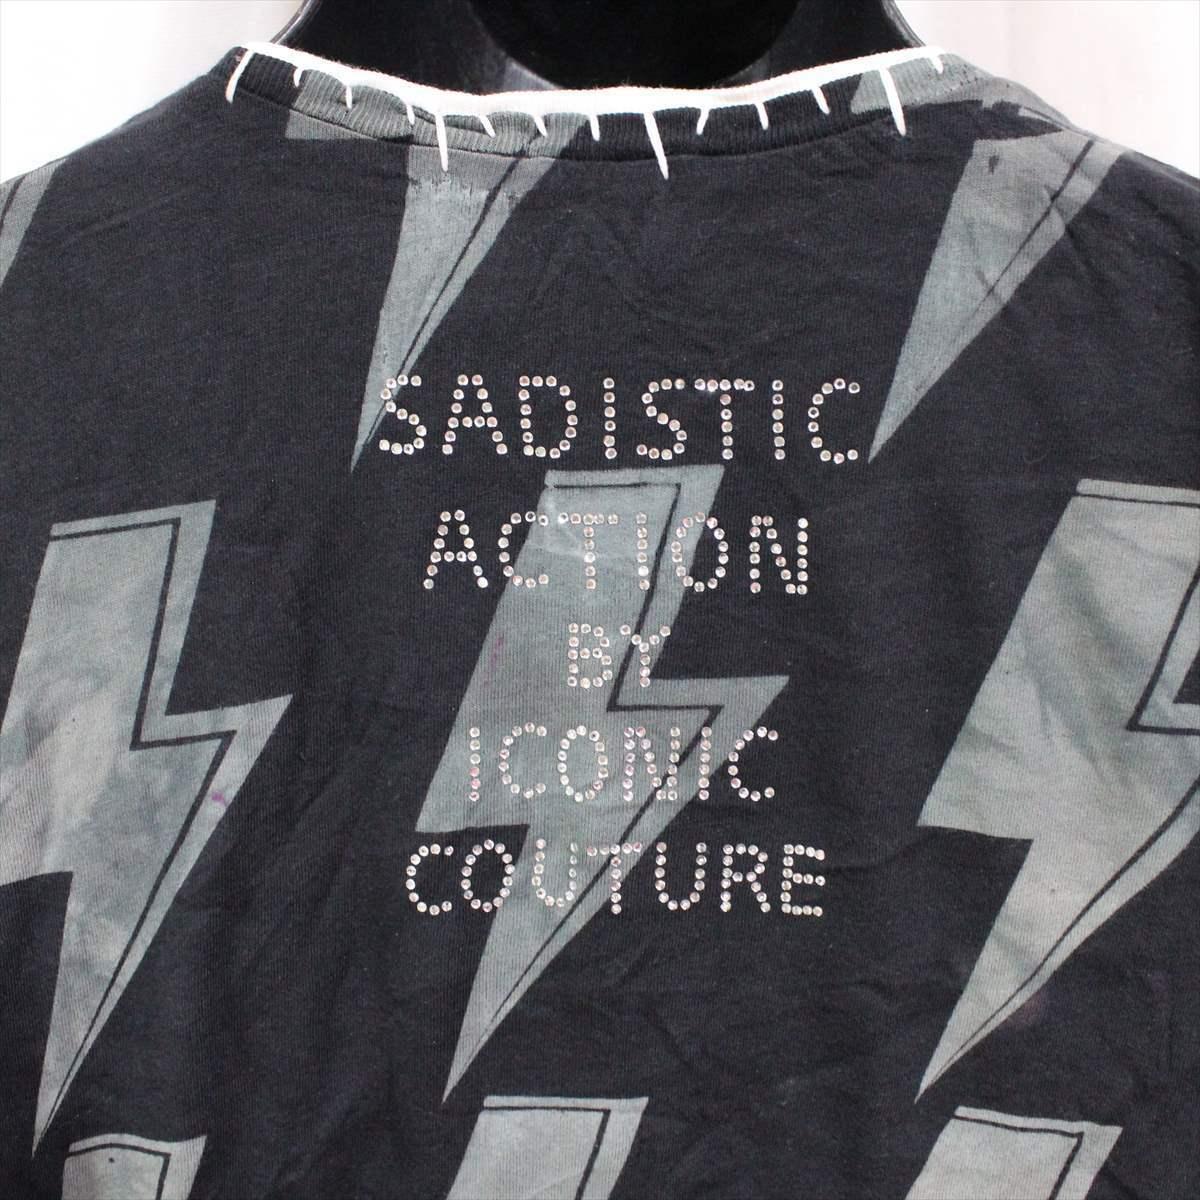 サディスティックアクション SADISTIC ACTION アイコニック ICONIC COTURE メンズ半袖Tシャツ AC/DC XLサイズ 新品_画像5